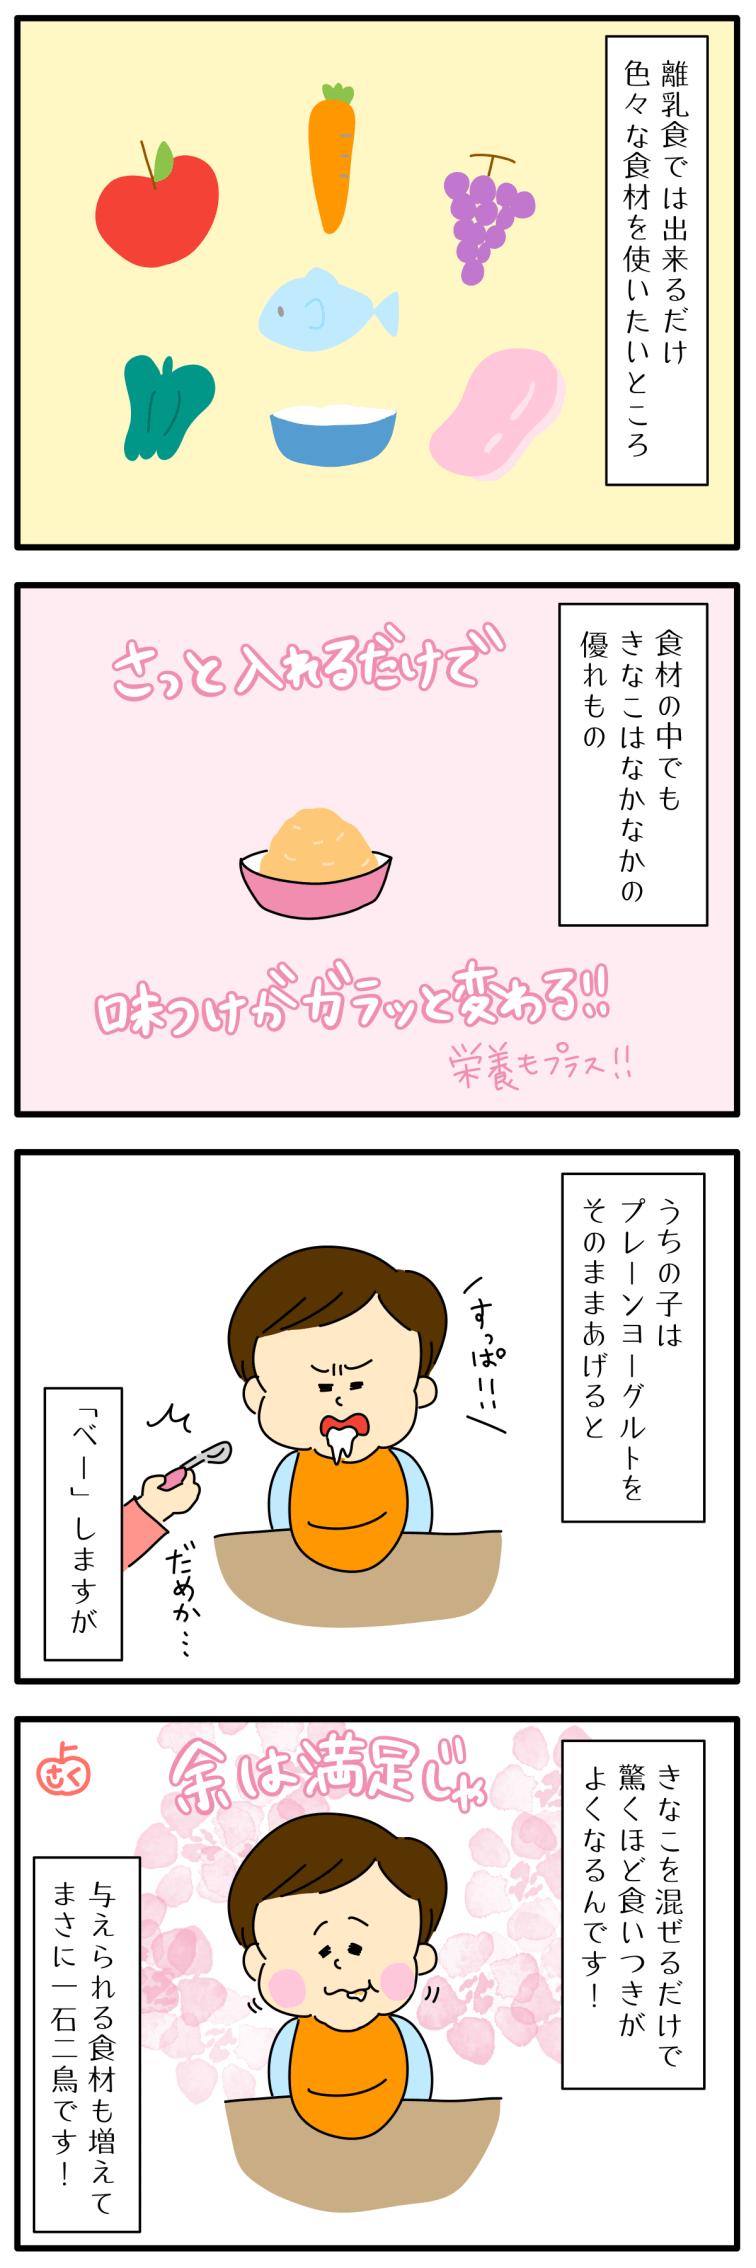 離乳食のきなこについての永岡さくら(saku)さんの子育て4コマ漫画